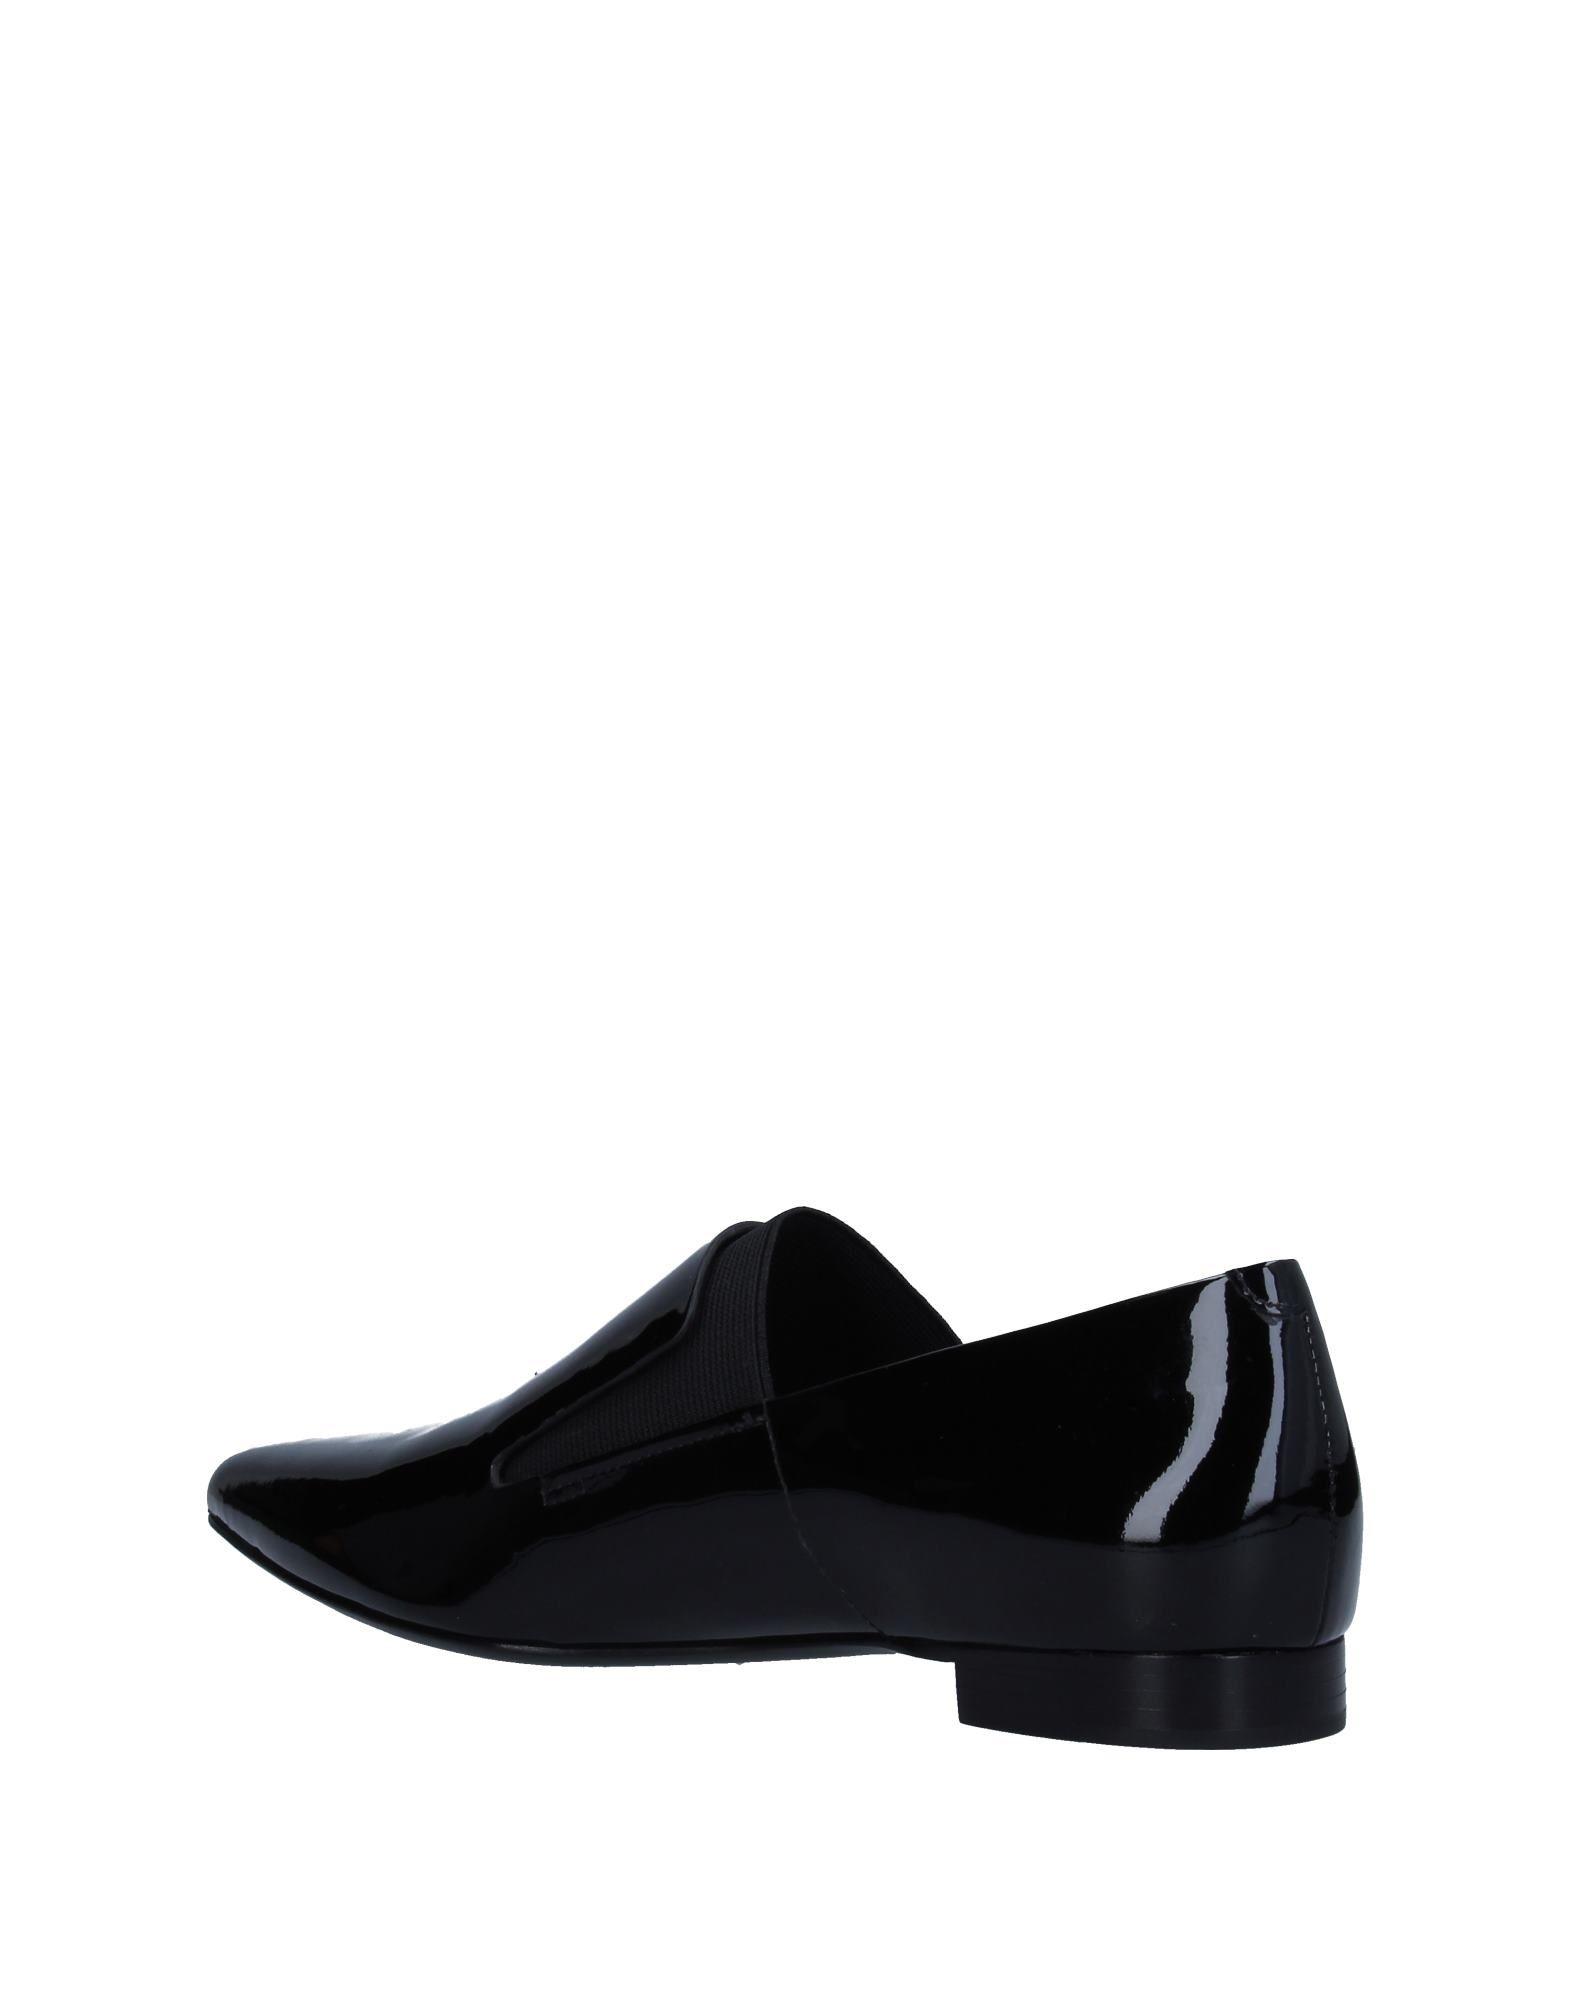 Alexander Wang Mokassins Damen Schuhe  11339257DHGünstige gut aussehende Schuhe Damen 4db20d